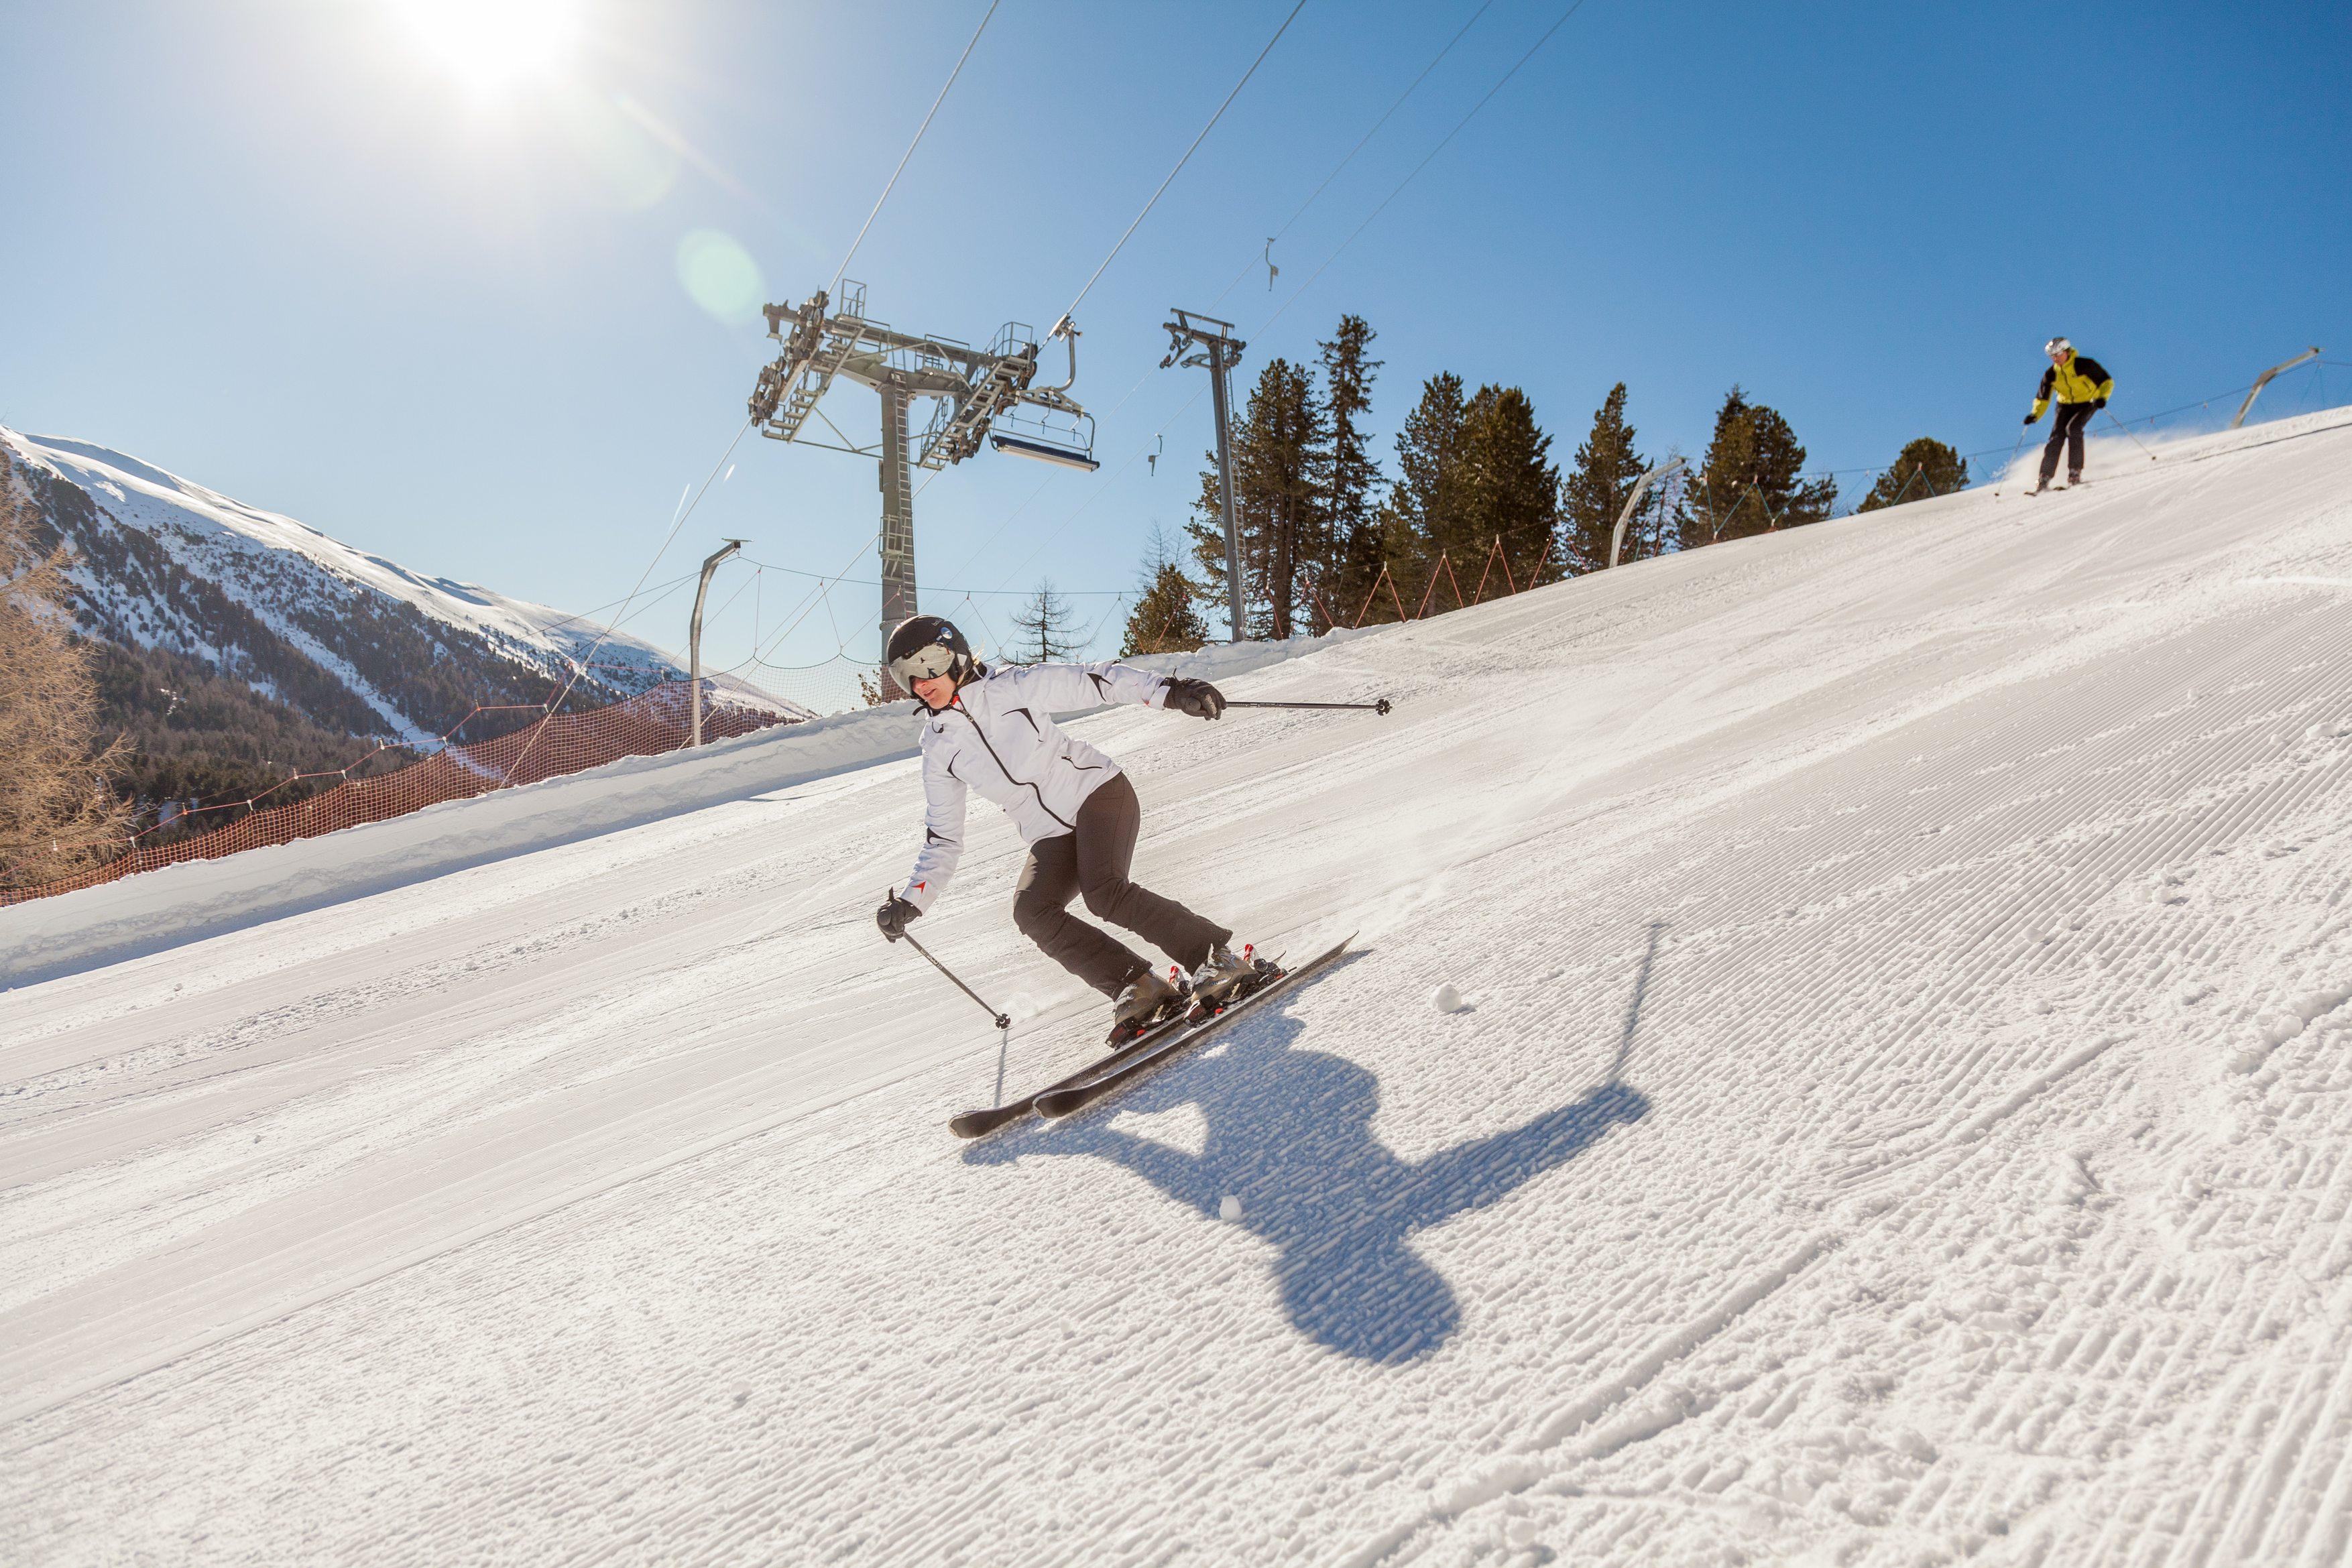 Eine Skifahrerin fährt gekonnt die bestens präparierte Piste im Skigebiet Turracher Höhe in Kärnten hinunter. JUFA Hotels bietet erholsamen Familienurlaub und einen unvergesslichen Winterurlaub.